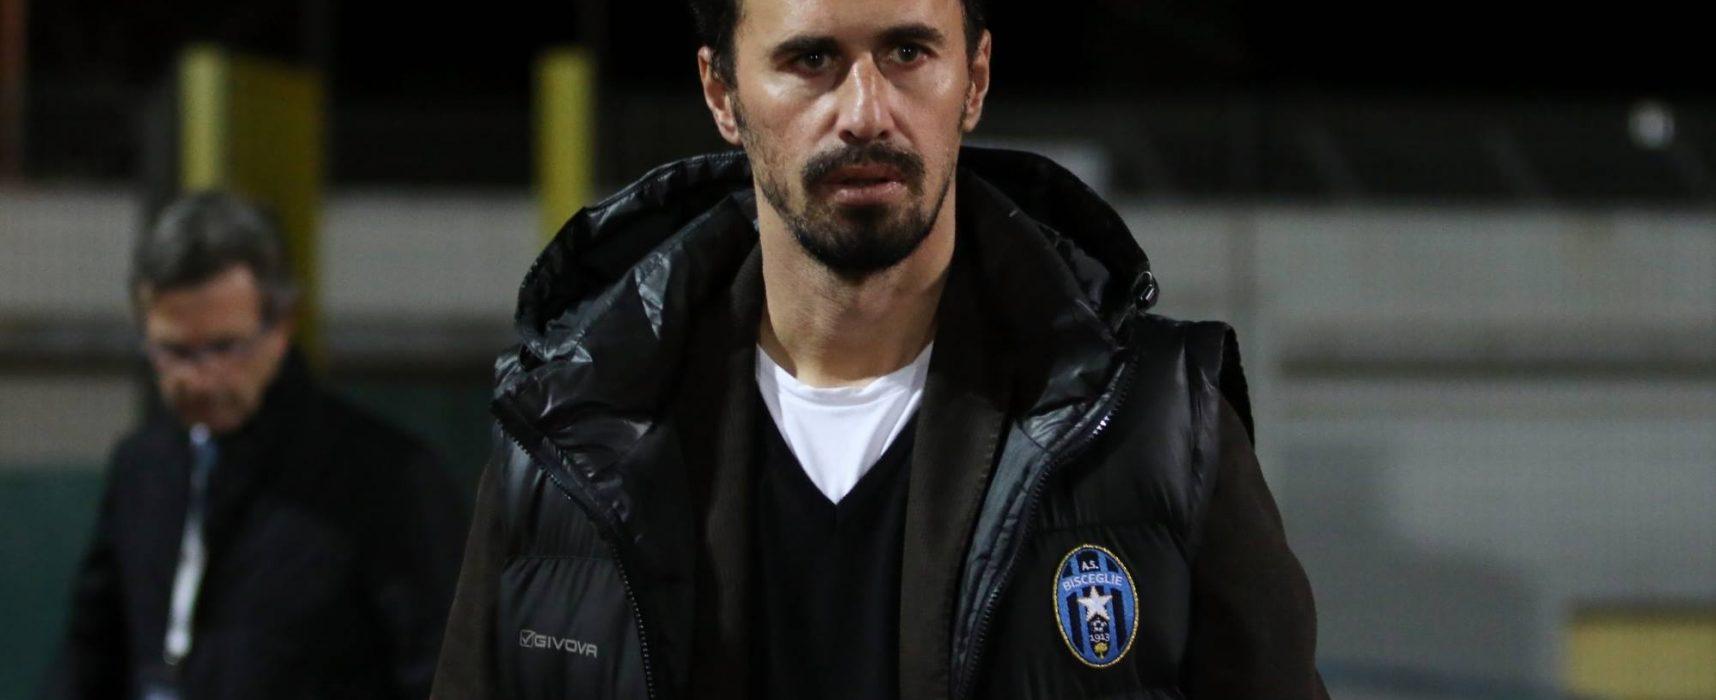 Bisceglie Calcio: interrotto il rapporto con il Ds Quistelli, ipotesi Materazzi per la panchina